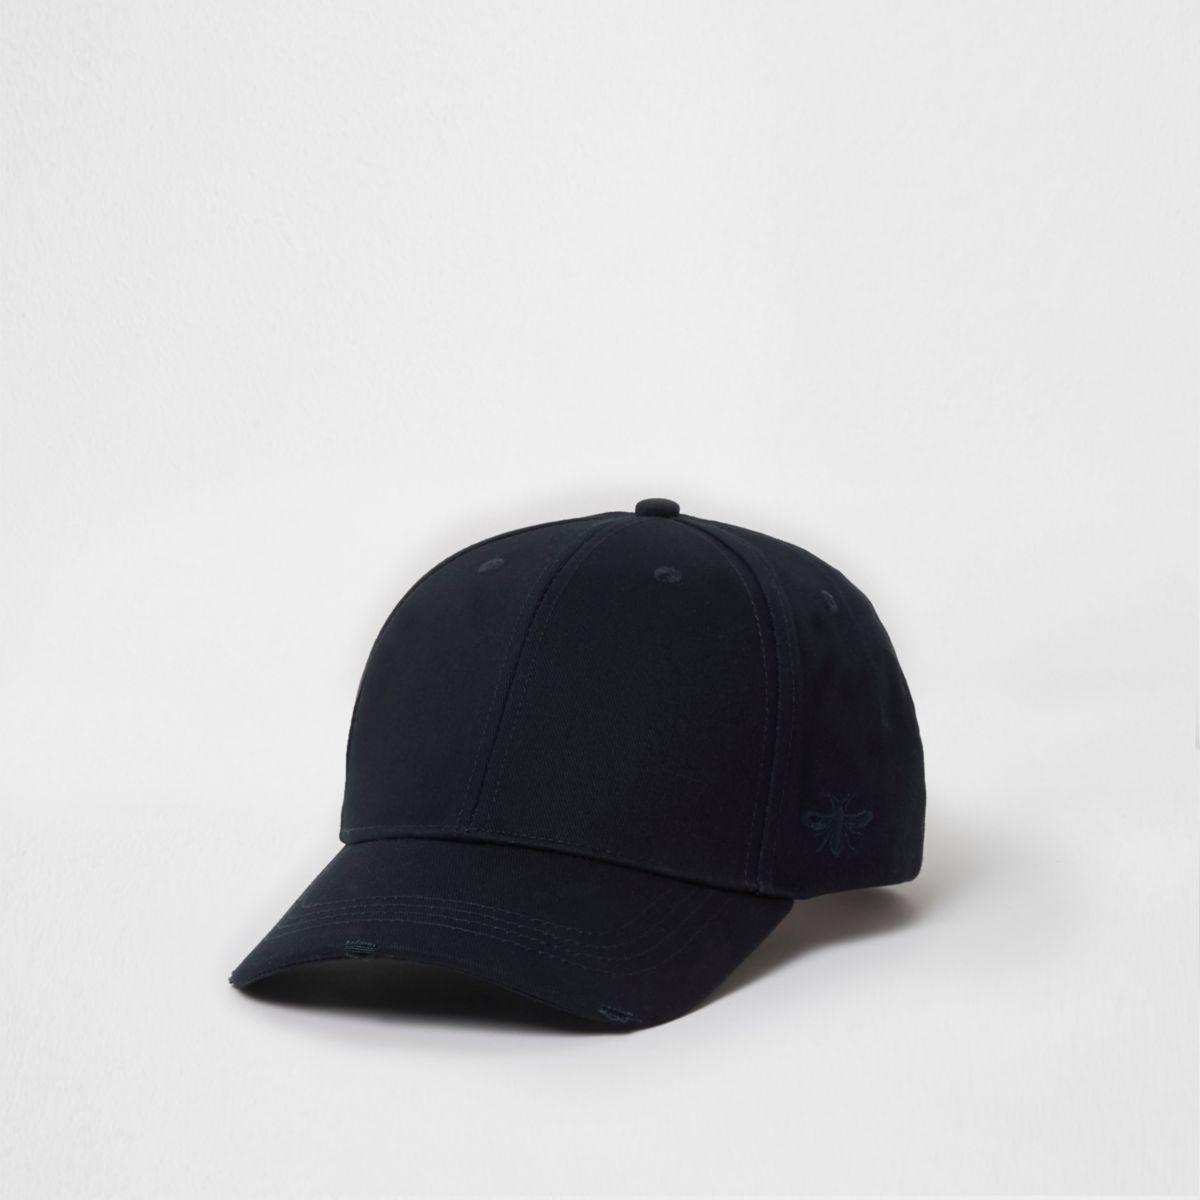 Navy wasp embroidered baseball cap